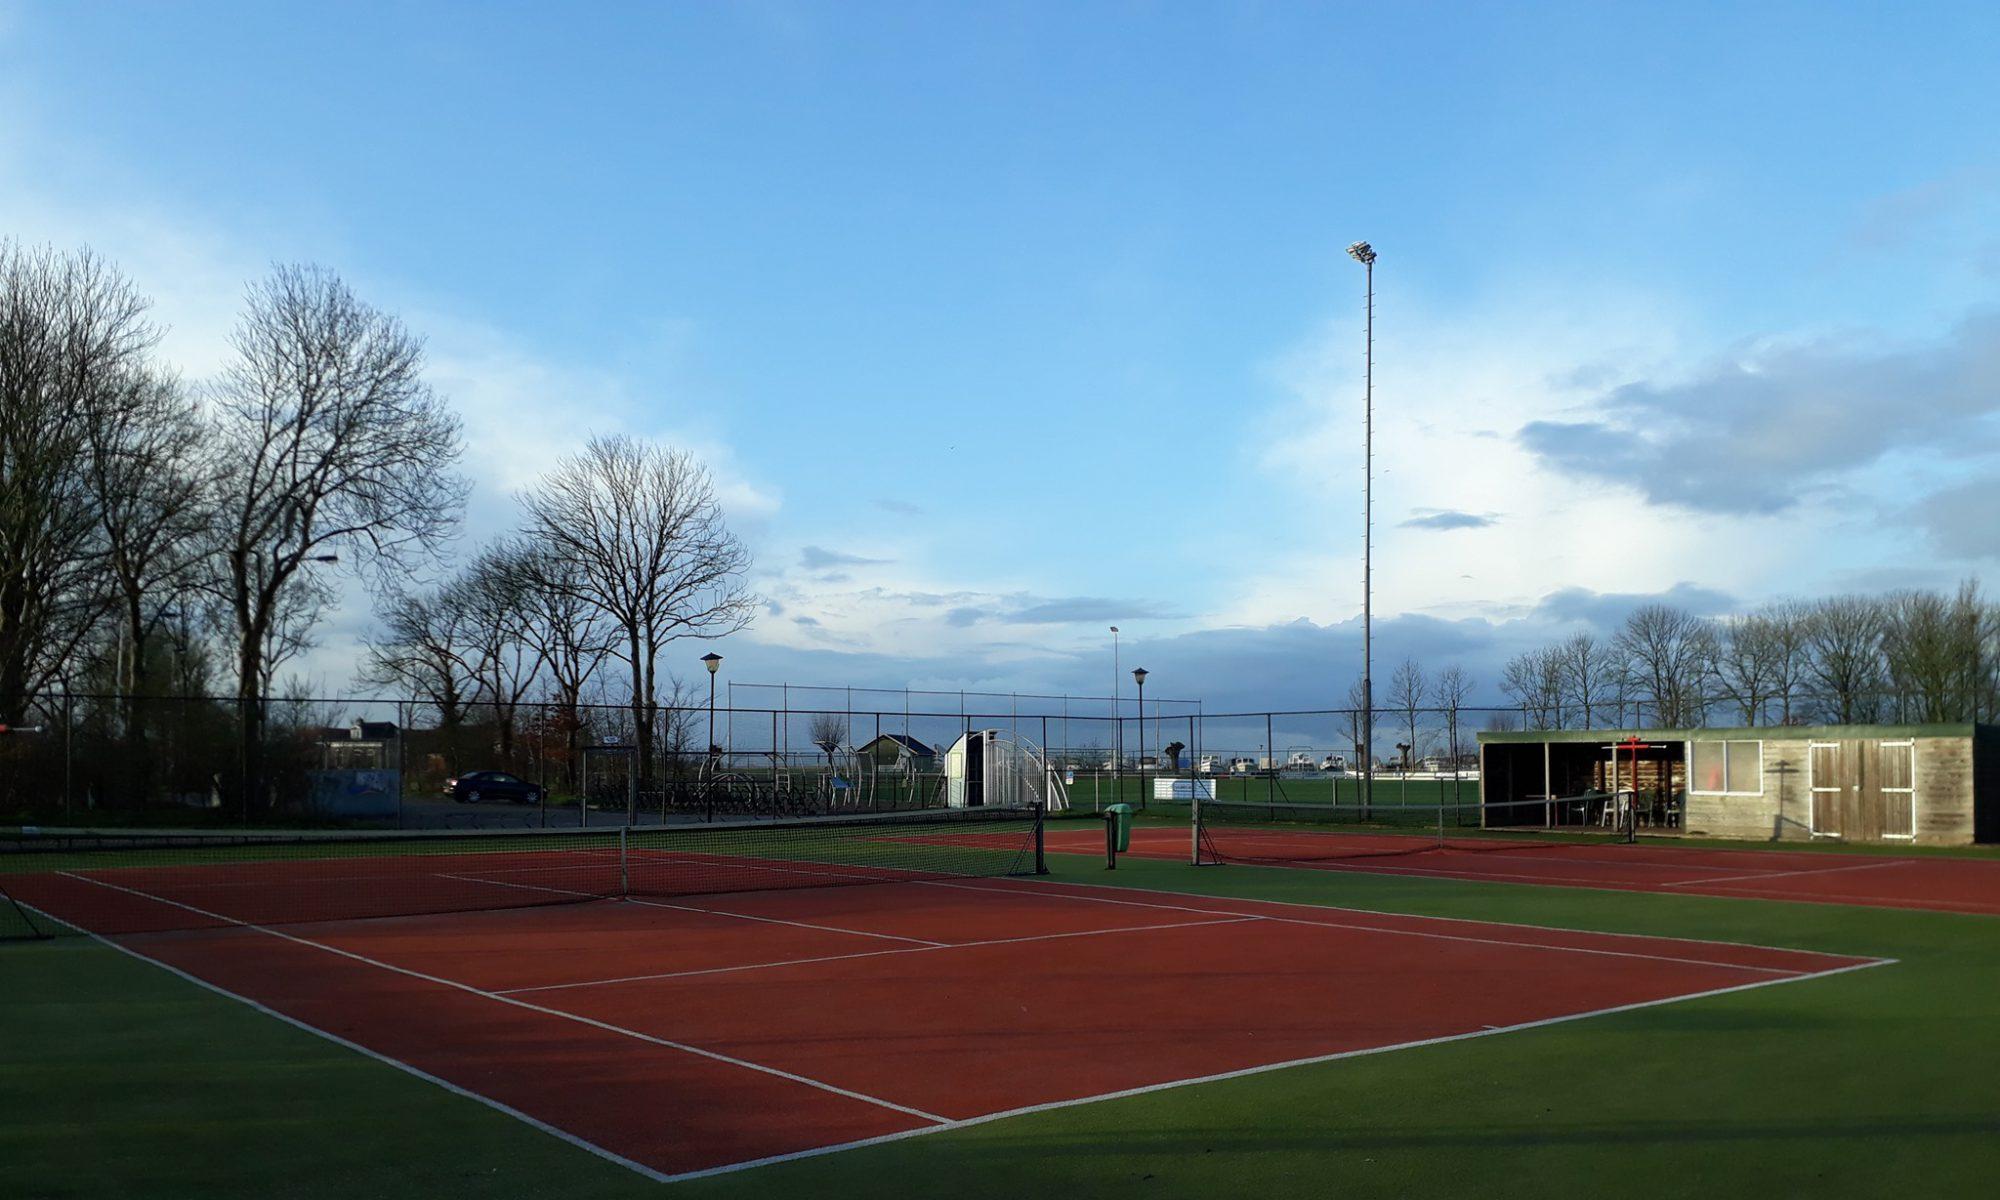 Tennisvereniging Warga